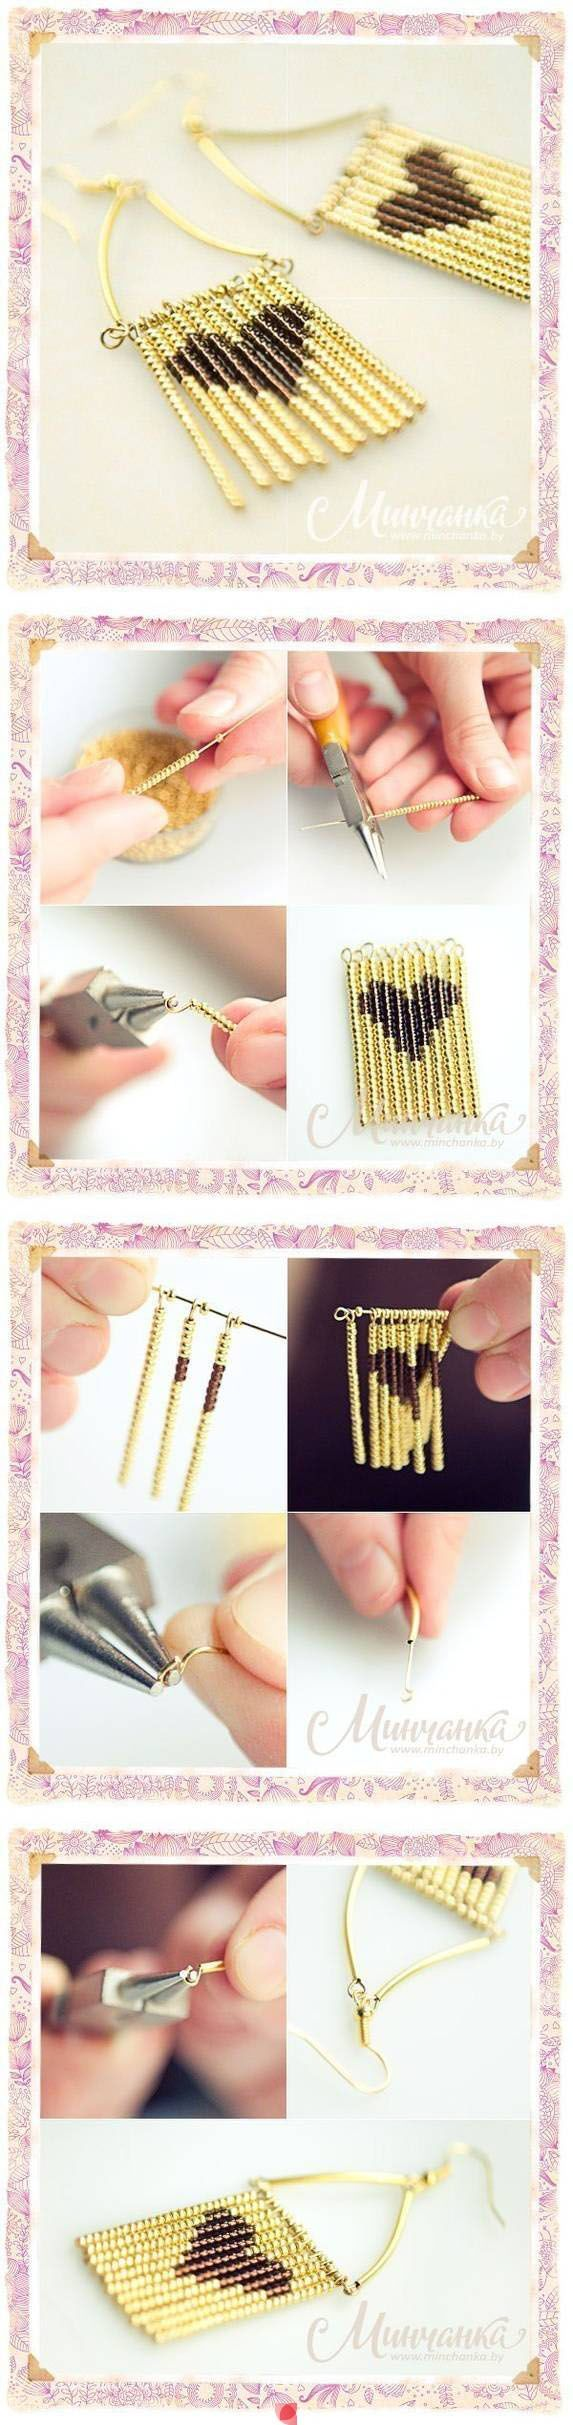 DIY Beads Mosaic Heart Earrings                                                                                                                                                                                 Más